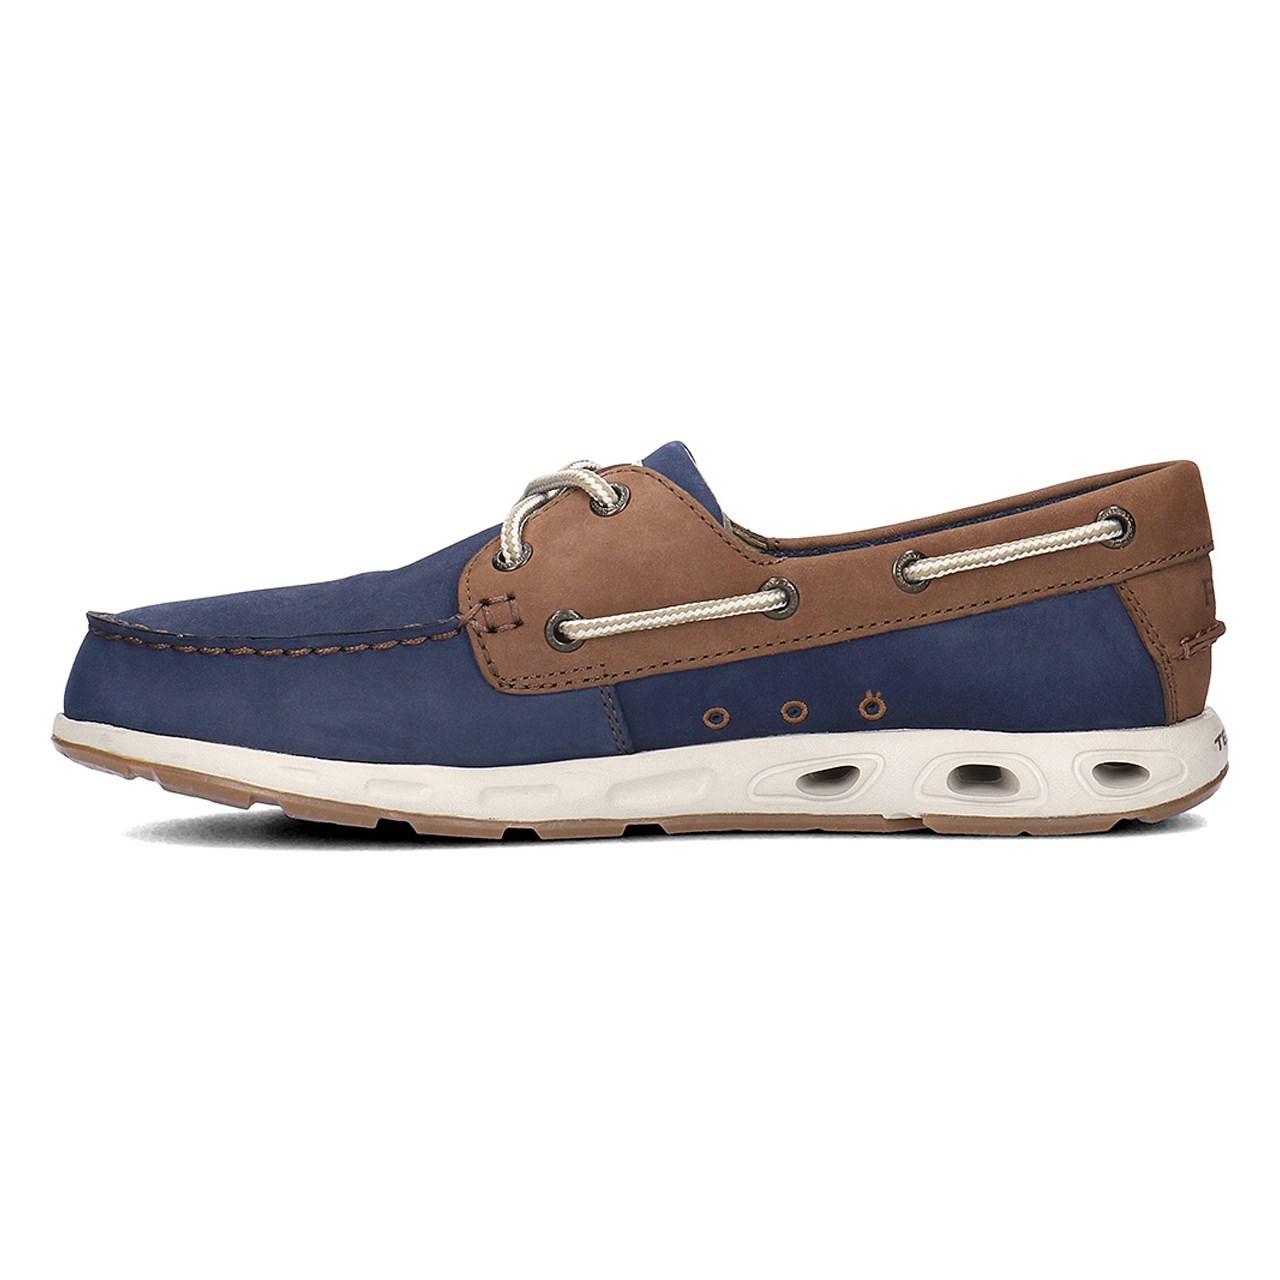 قیمت کفش مخصوص دویدن مردانه کلمبیا مدل BM 4438-464